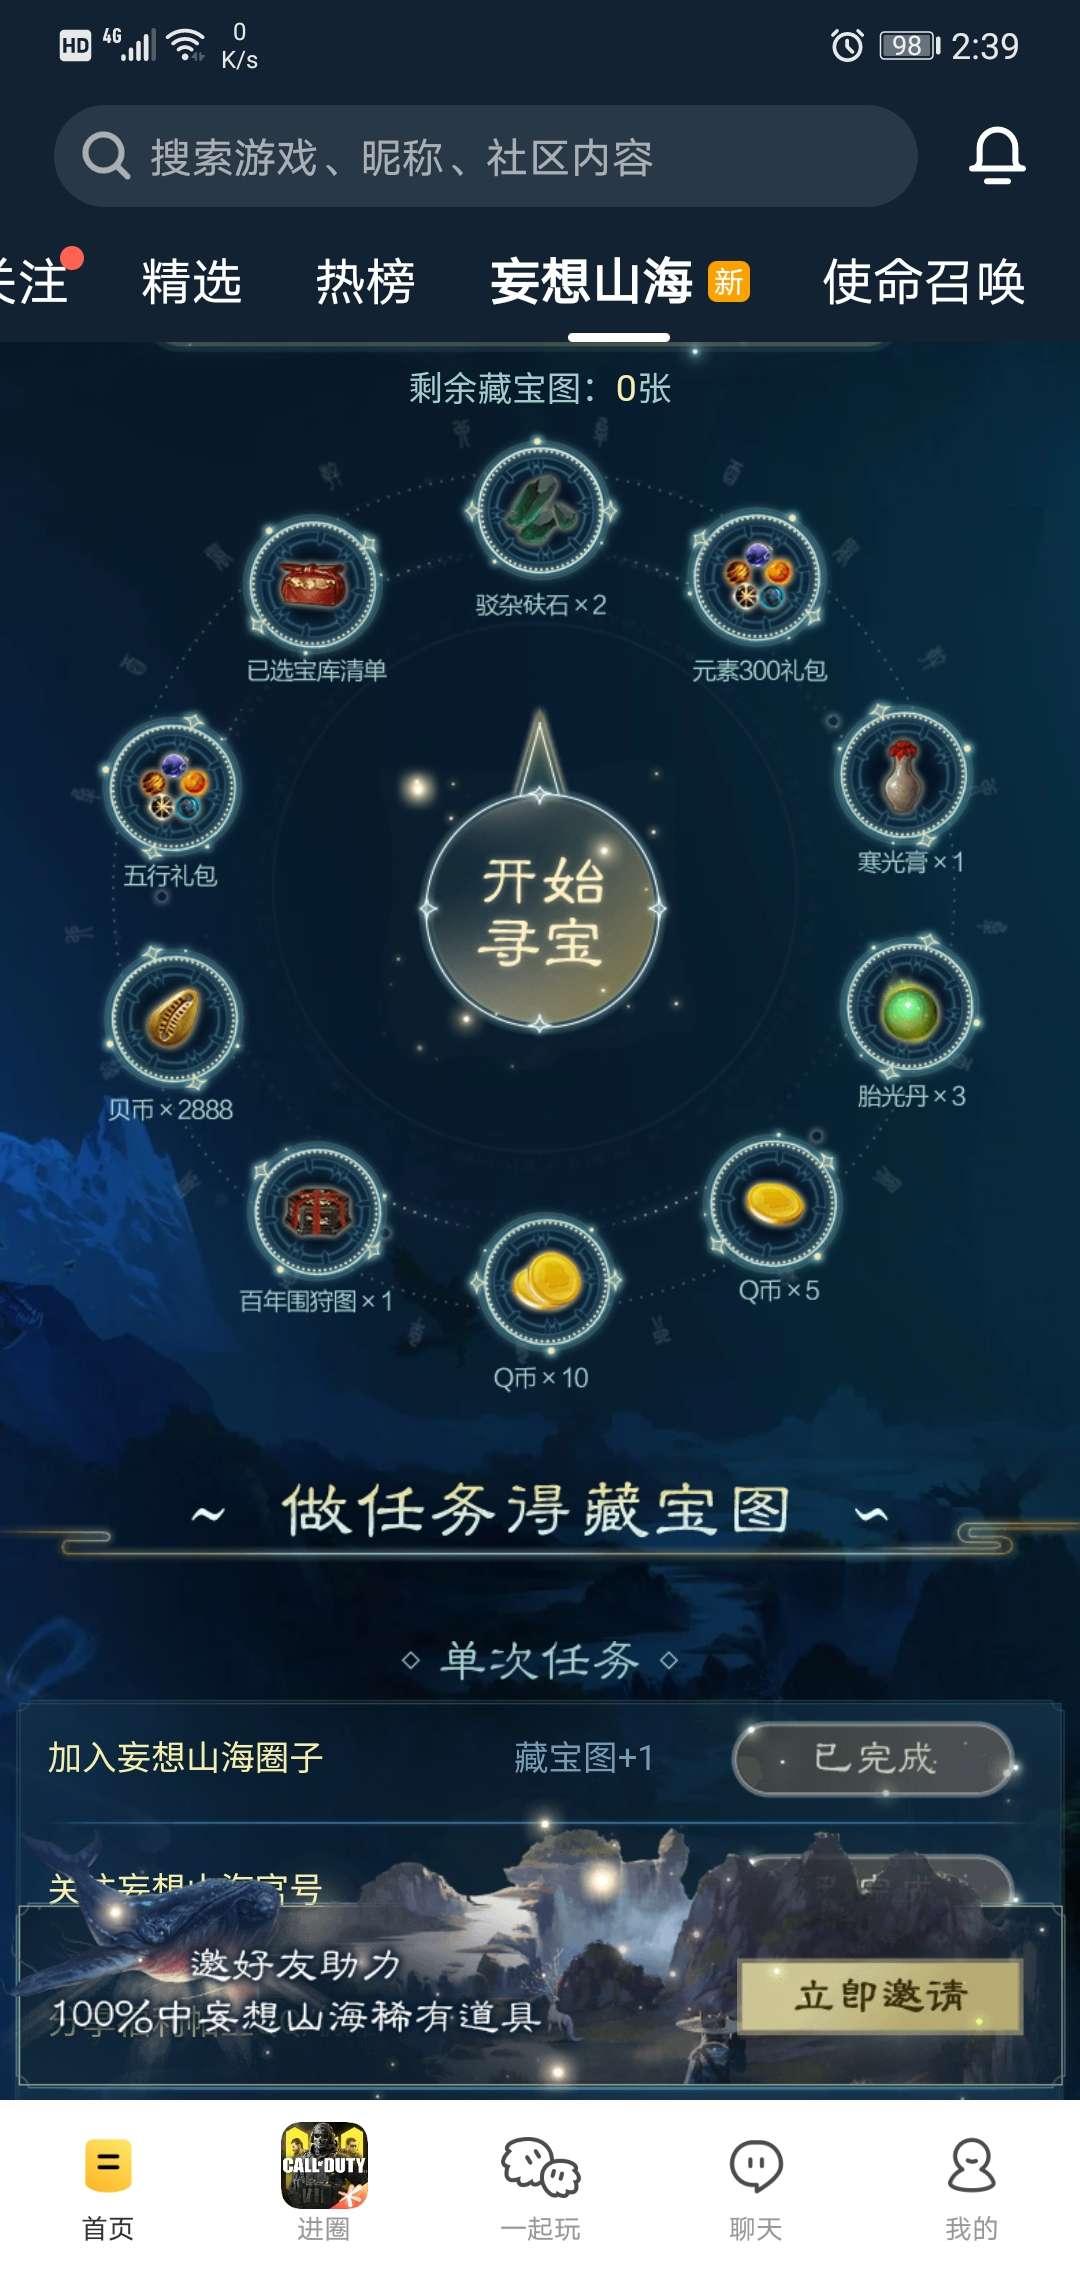 妄想山海腾讯游戏社区抽5-188q币插图